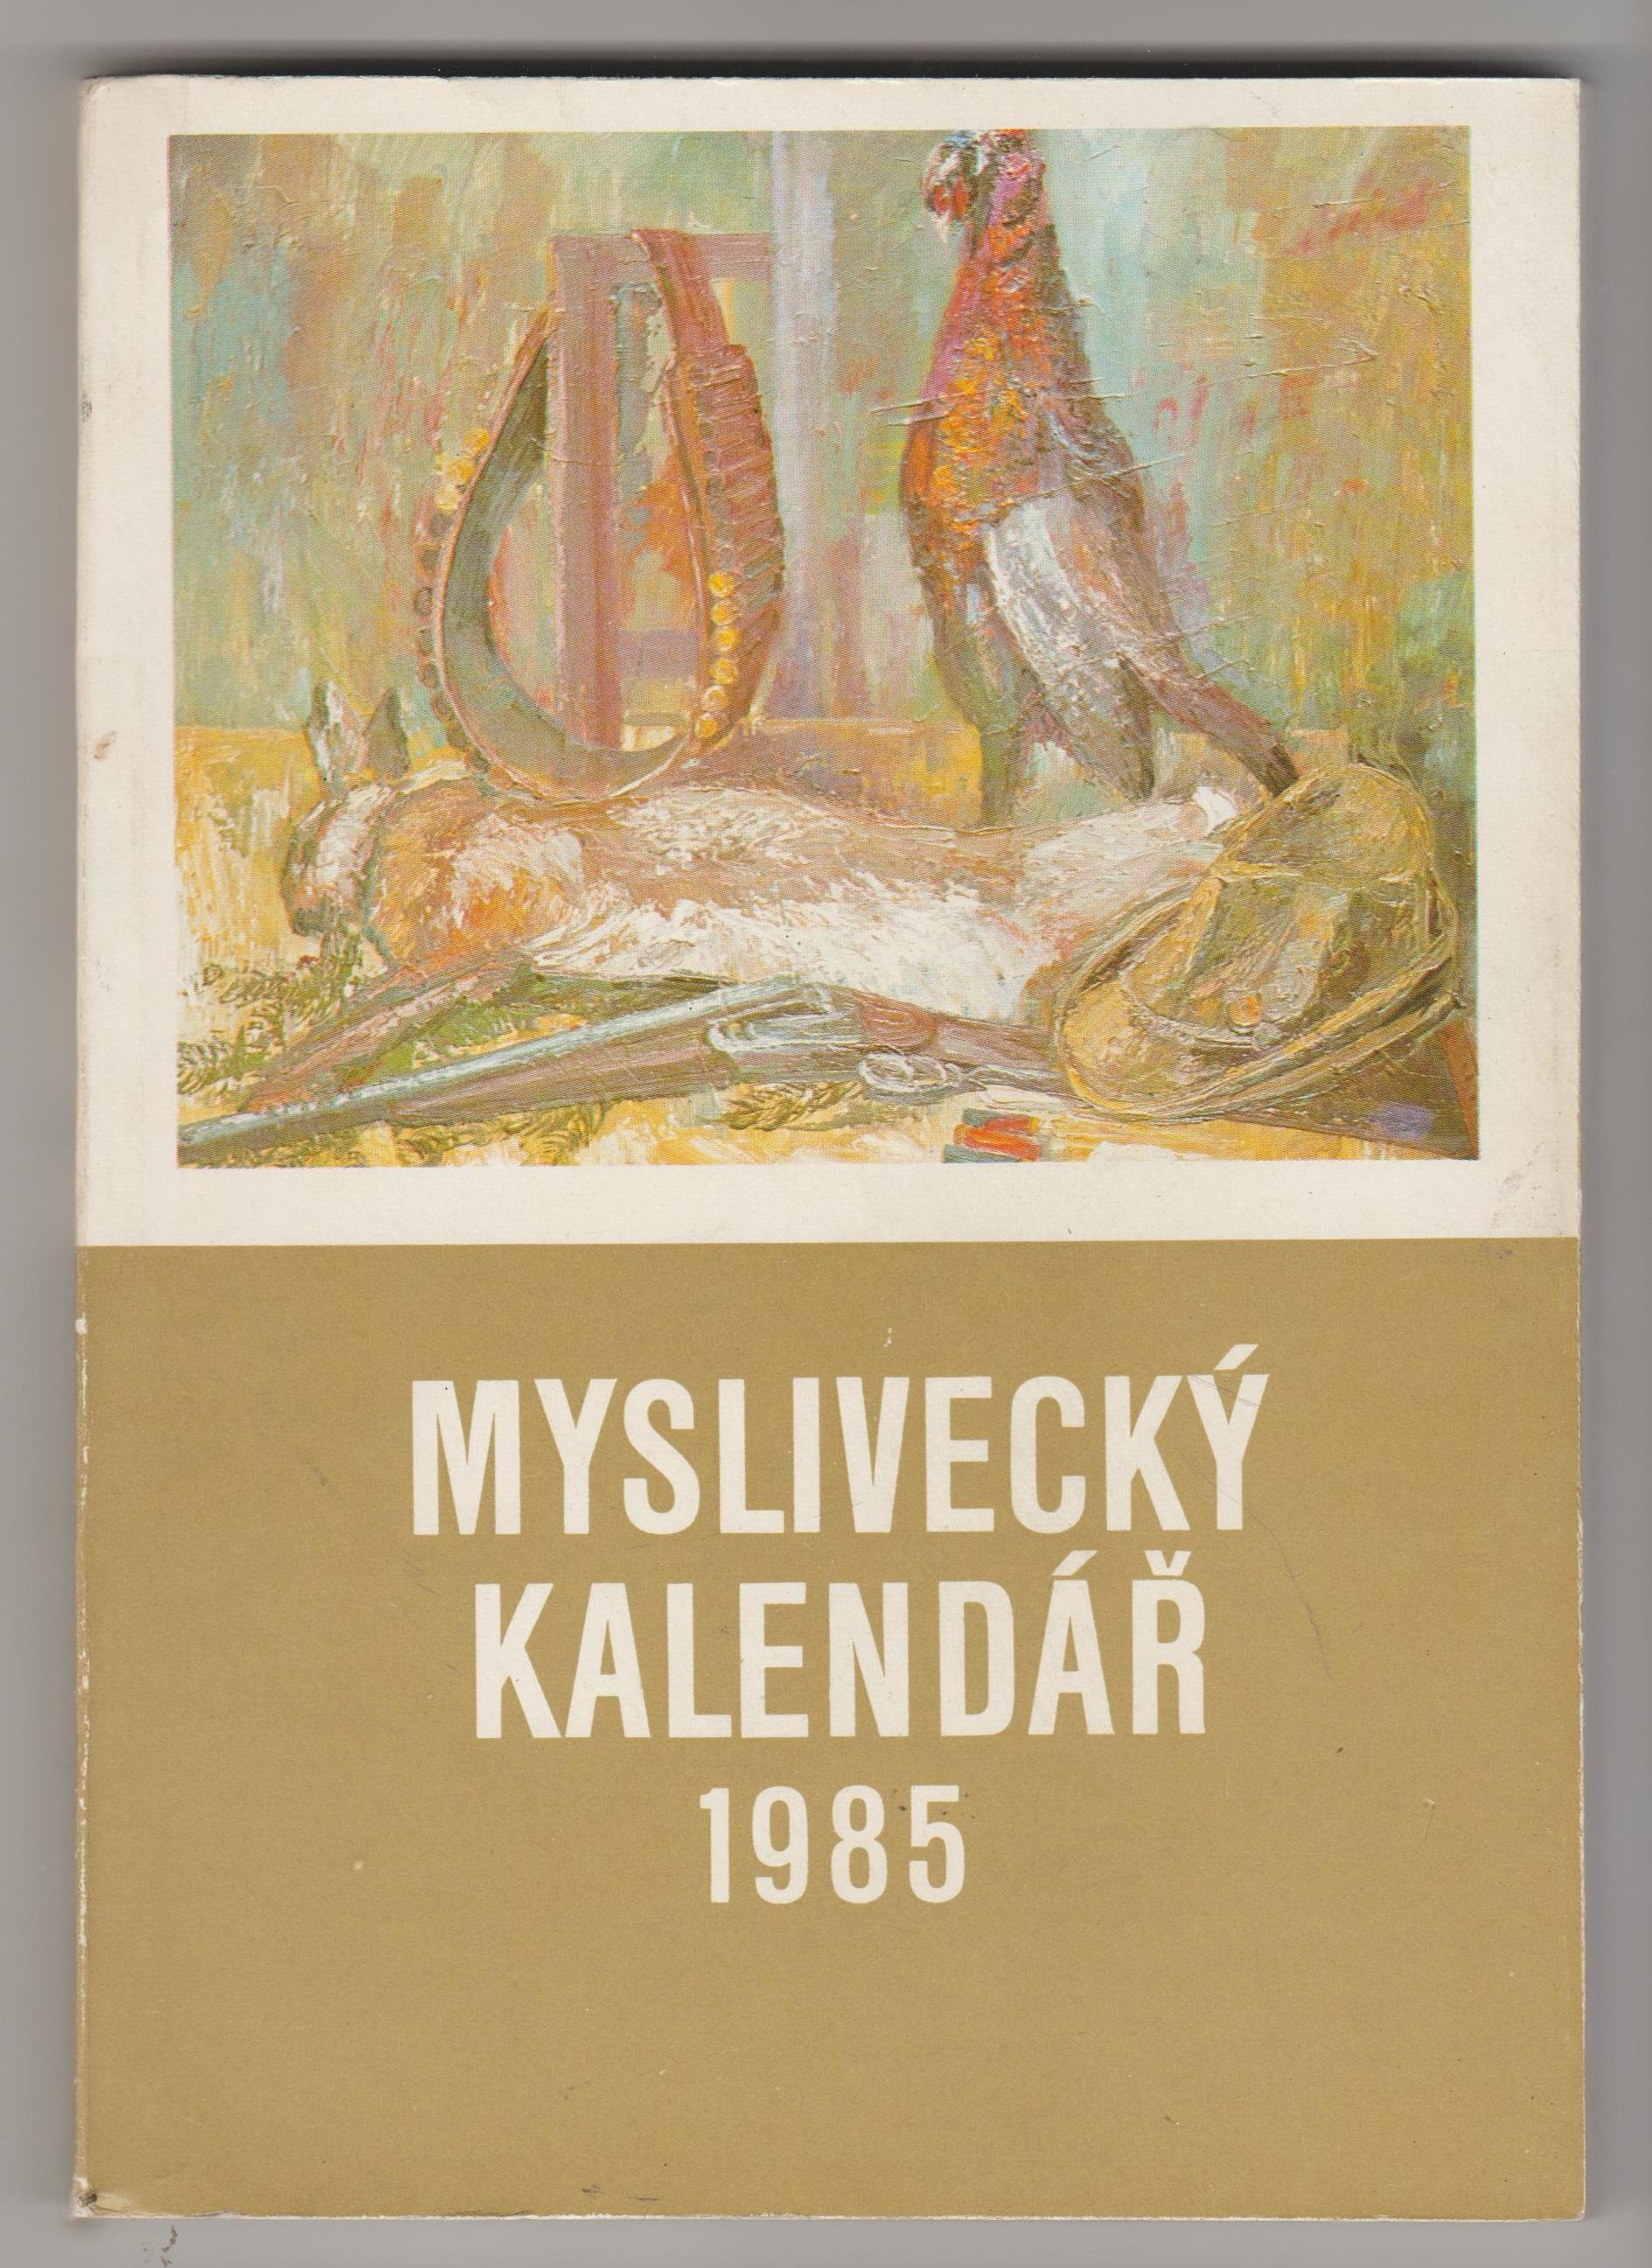 Myslivecký kalendář 1985 (klíčová slova: myslivost, příroda)